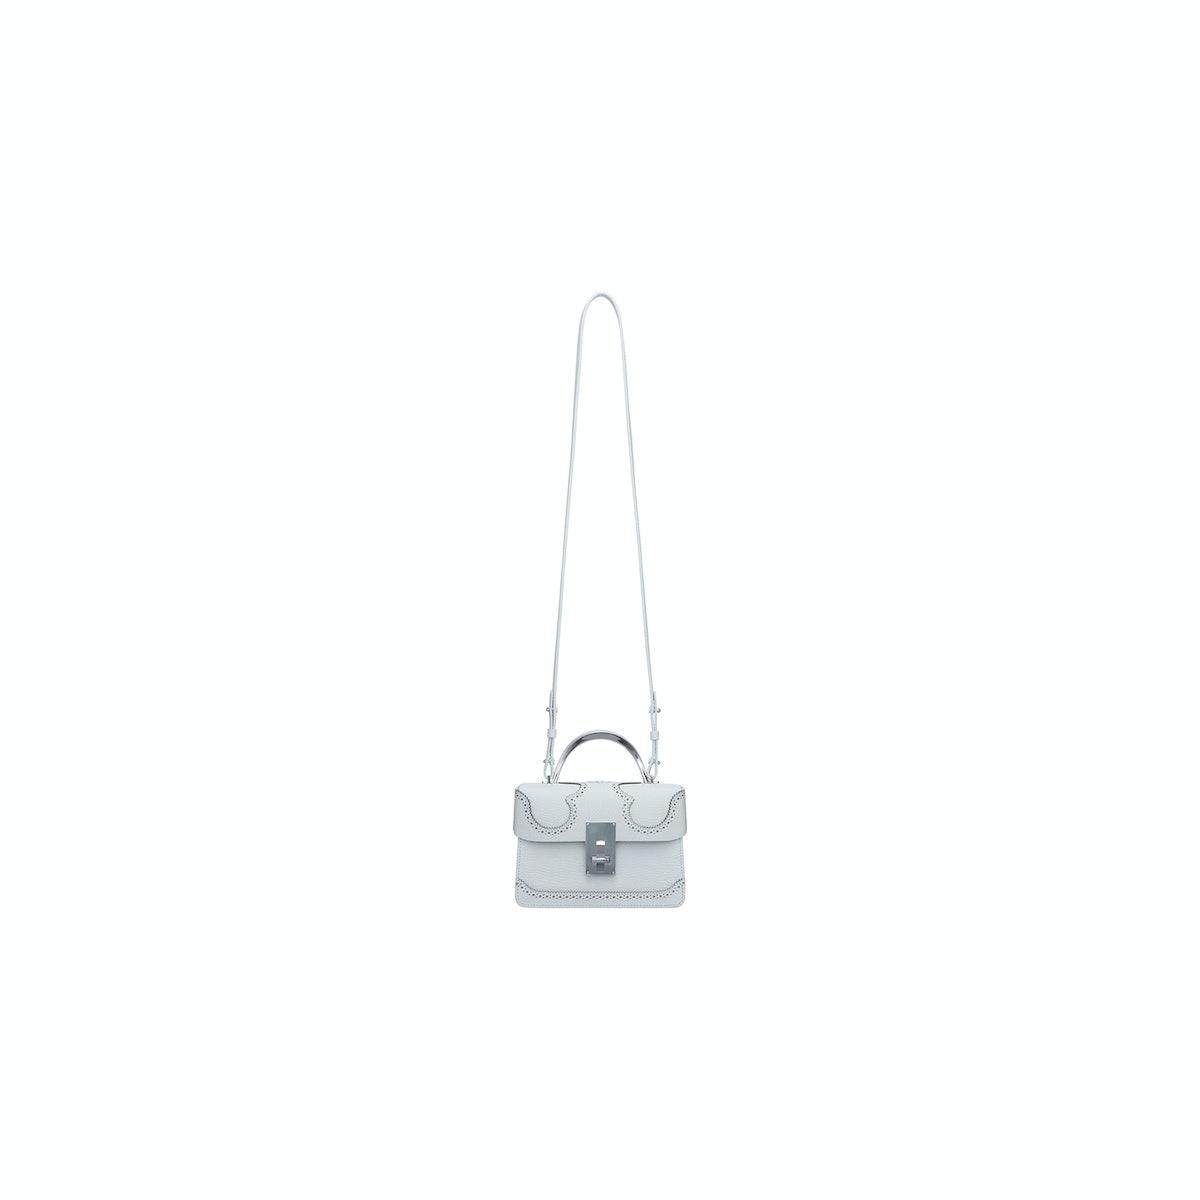 24-The-Volon-bag.jpg